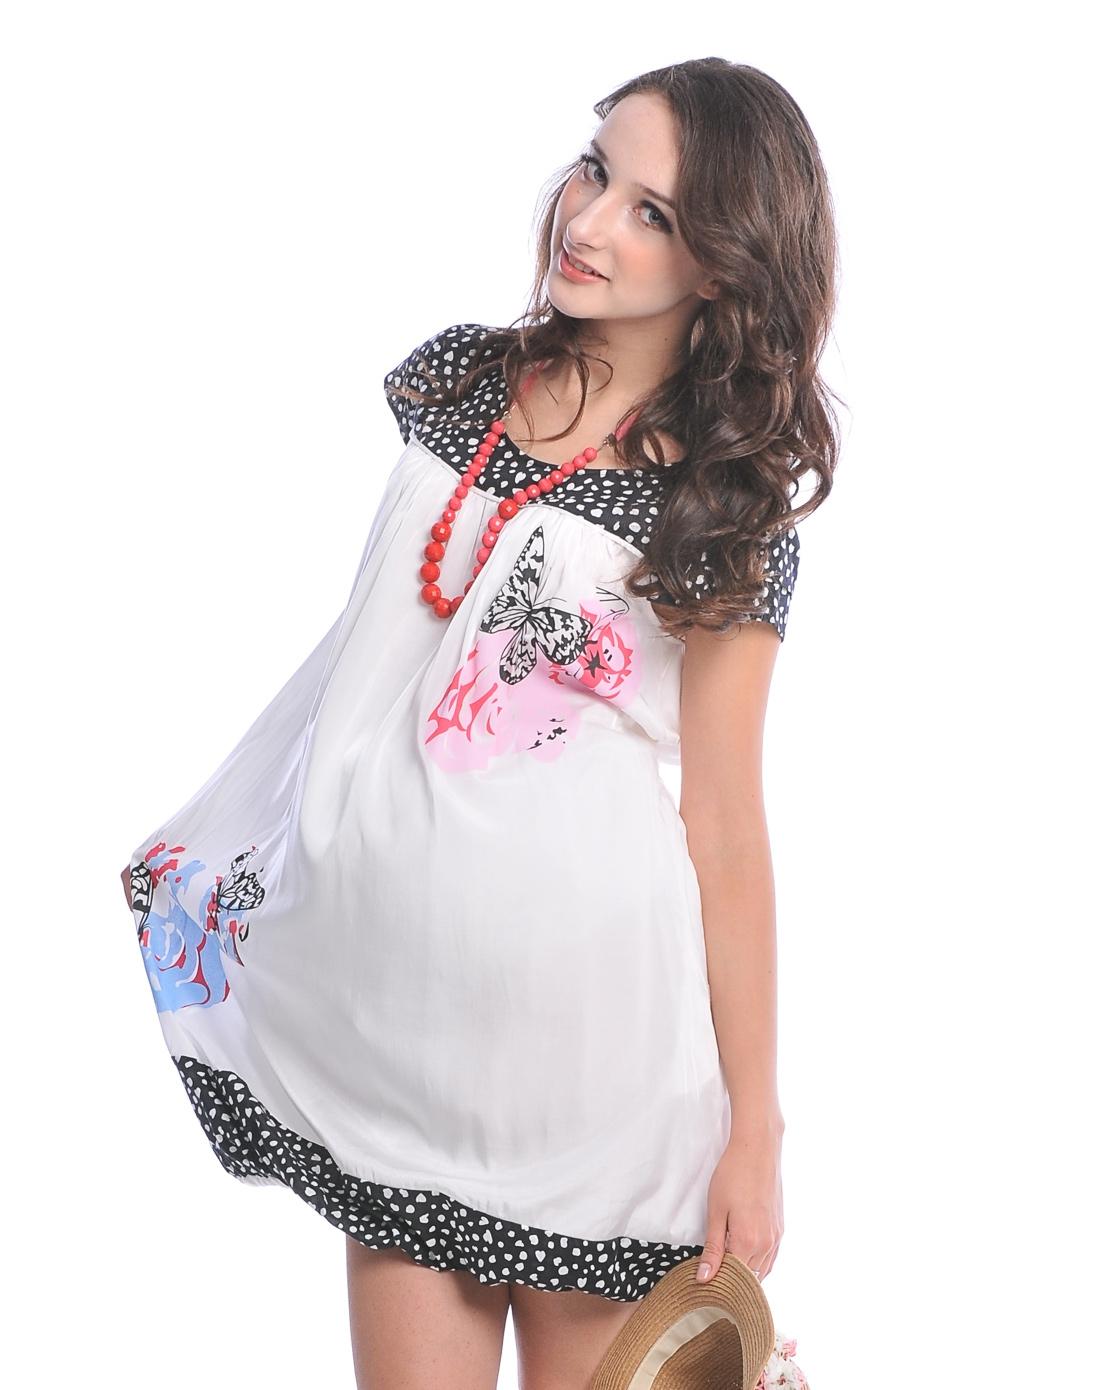 欧美孕妇qvod_贝儿森欧美休闲舒适孕妇半袖印花裙